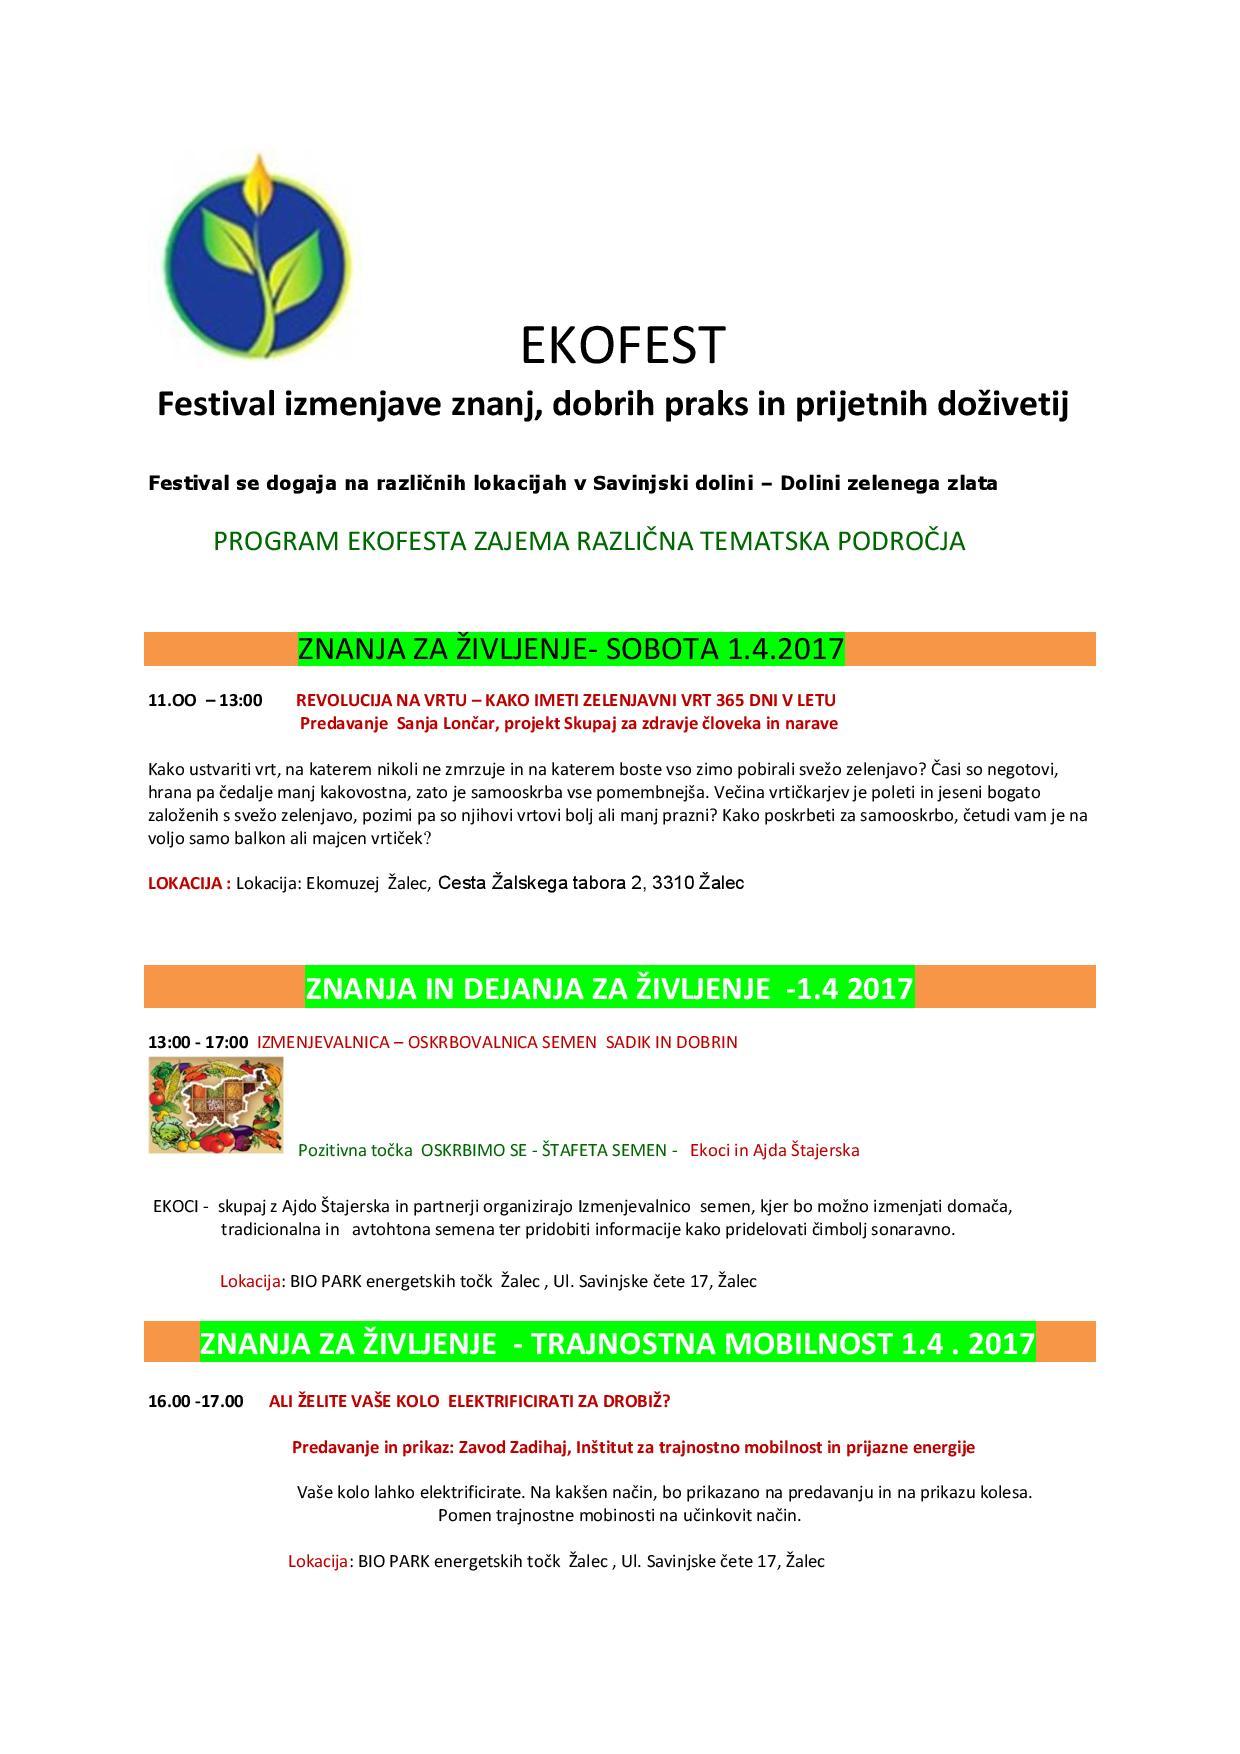 EKOFEST APRIL - v Savinjski dolini - VABILO - Festival izmenjave znanj, dobrih praks in prijetnih doživetij 1 in 2.4. 2017-1-page-001